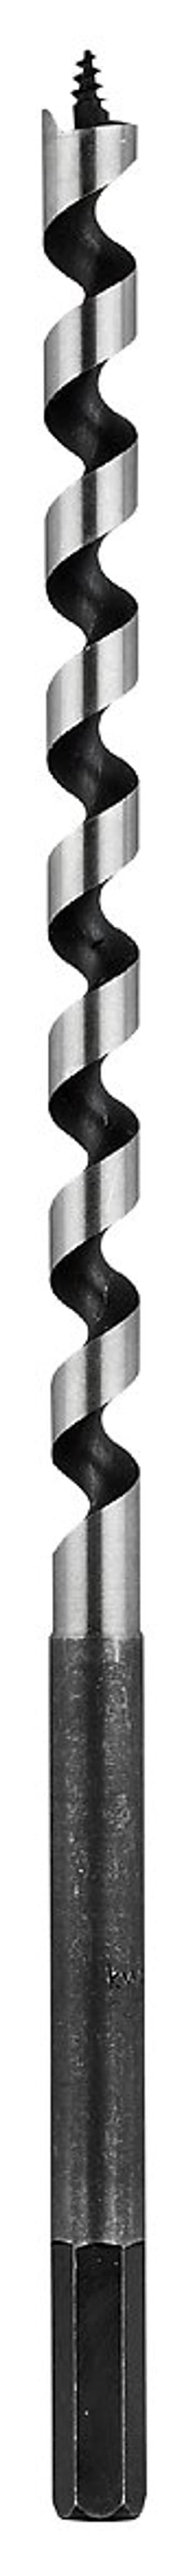 Schlangenbohrer, 235 mm, ø 10 mm